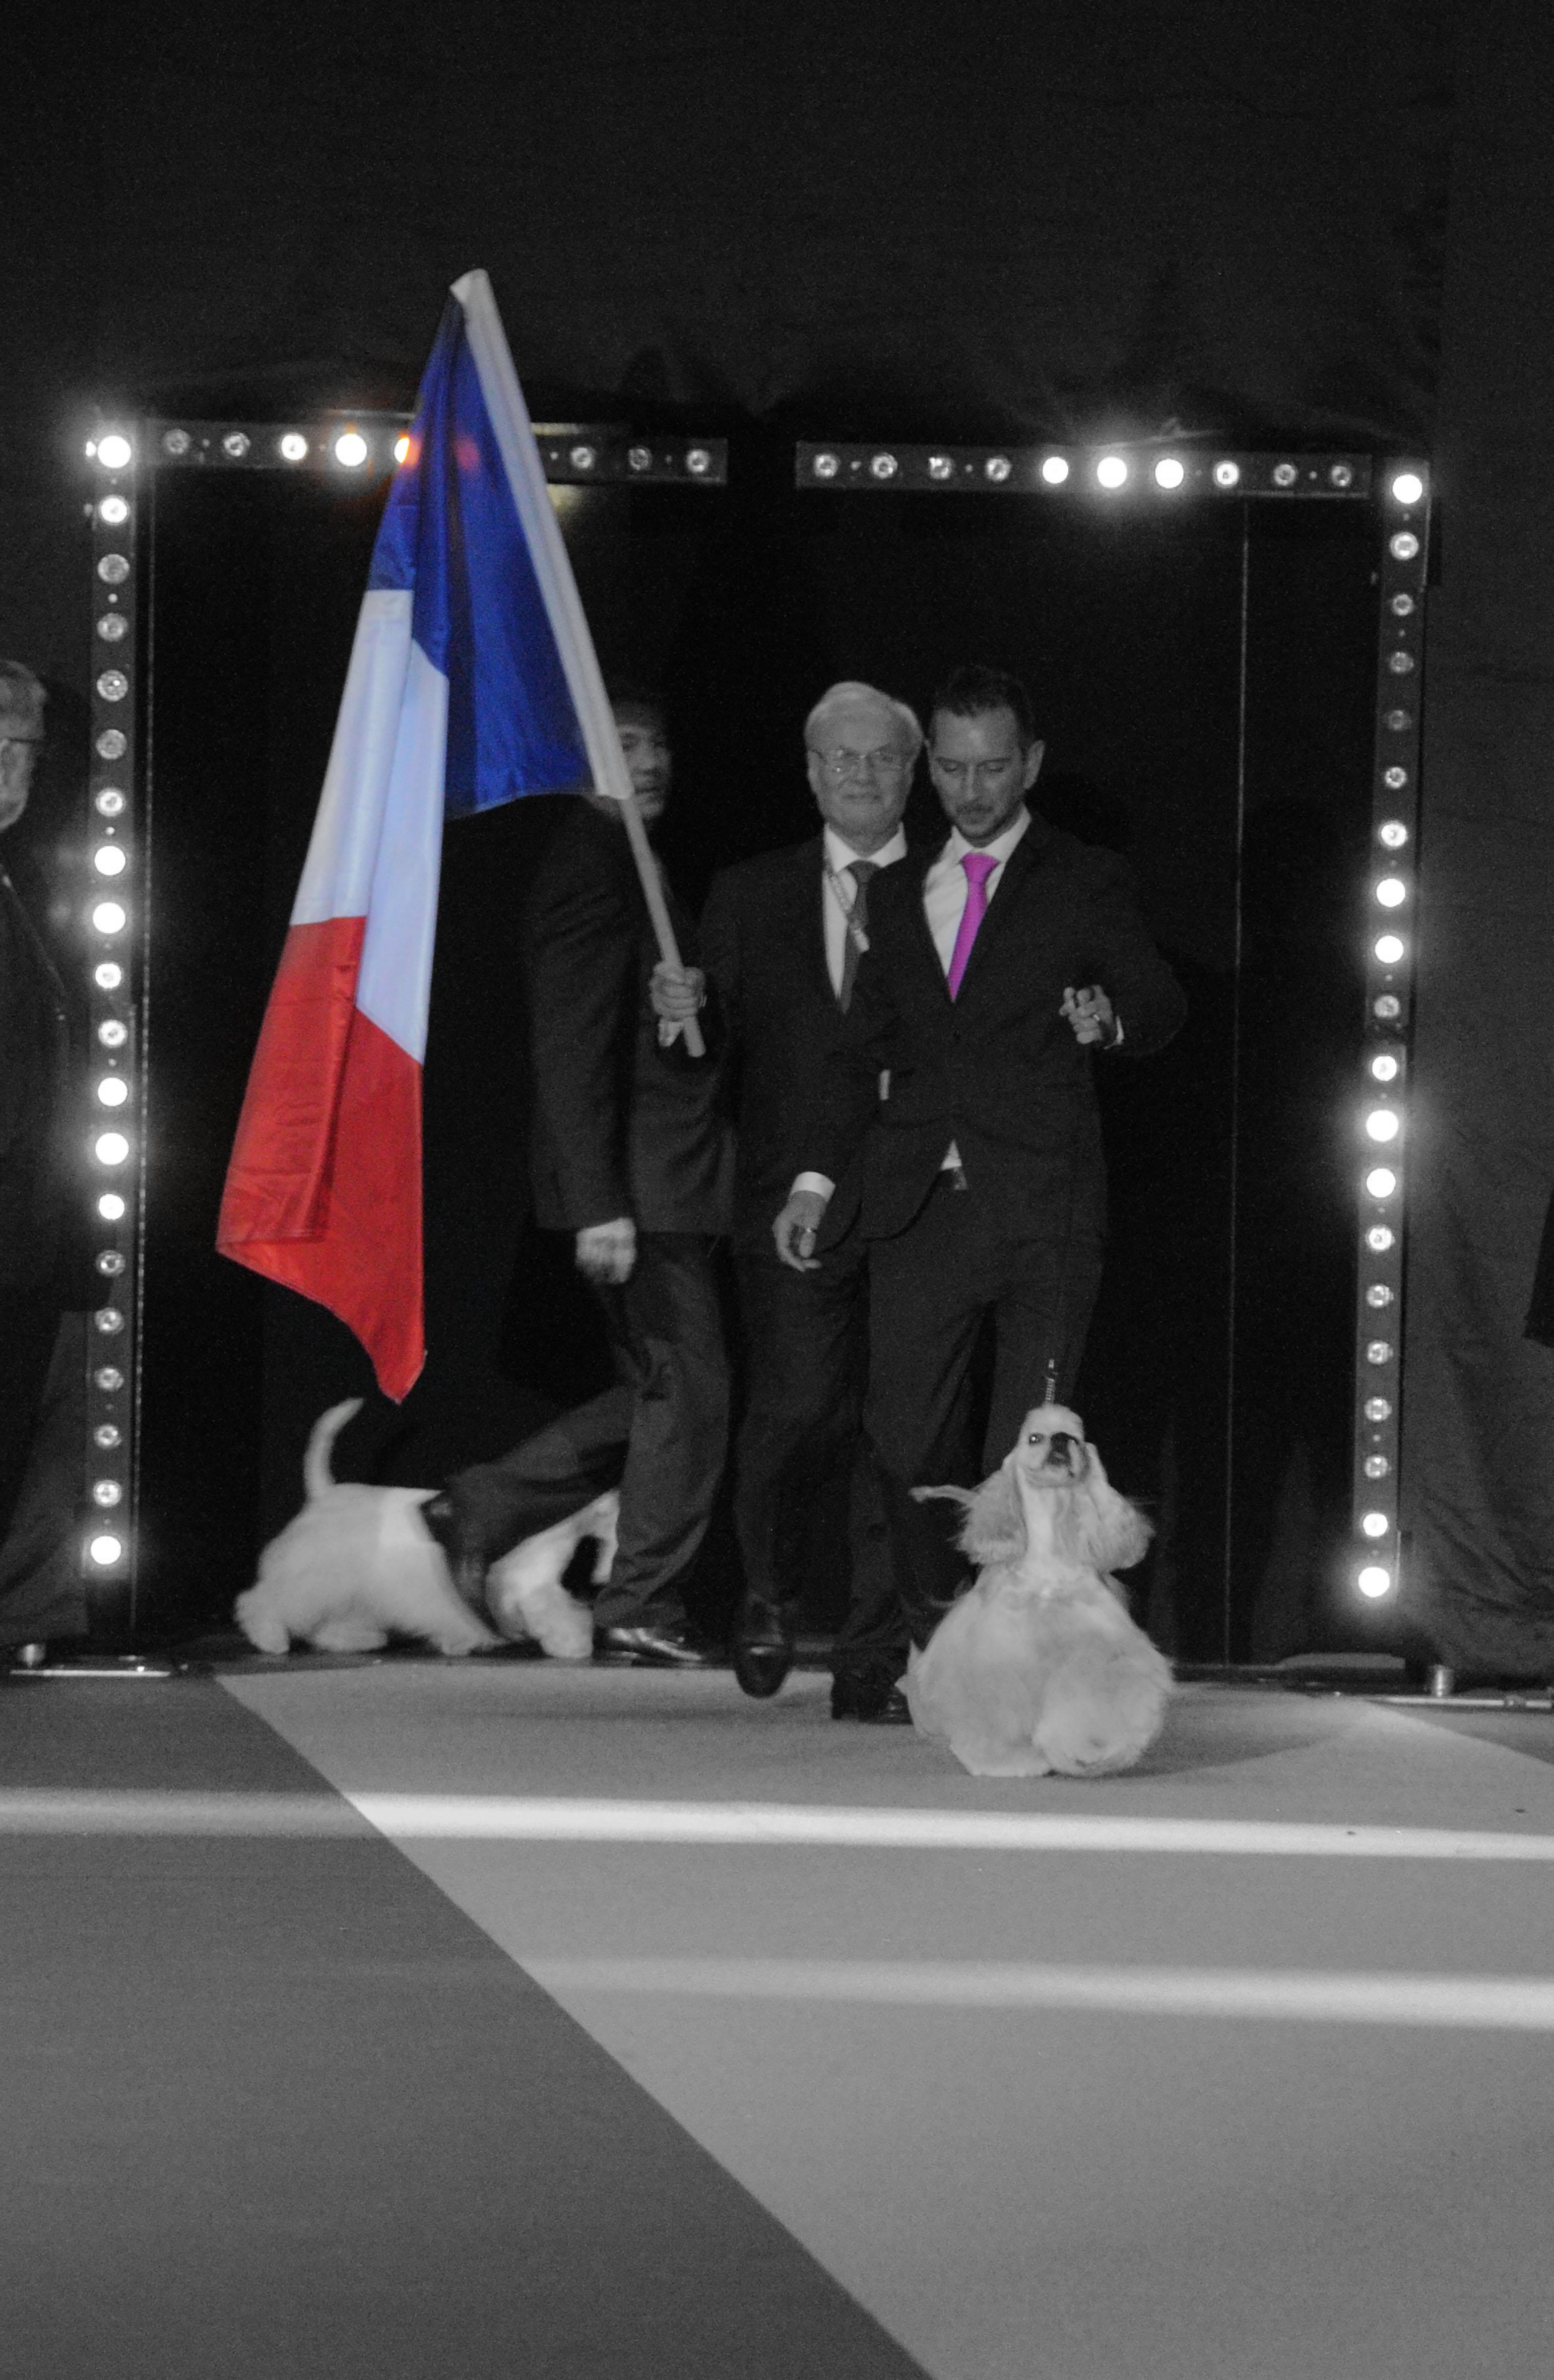 « La France est fière et heureuse que l'American Cocker Spaniel  Multi CH. Very Vigie I don't Know,  présenté par Hugues Schuh et appartenant à Mathilde Leonard-Nolle et Laurent Pichard ait été désigné vainqueur du prestigieux Eukanuba World Challenge 2015 à Amsterdam. J'ai jugé à de nombreuses reprises ce chien d'une qualité exceptionnelle, avec un caractère, une construction et une présentation parfaite. Félicitations pour la parfaite organisation des évènements d'Amsterdam et l'atmosphère de sympathie entre les pays participants ». Jacques Medard-Mangin, juge all-round et représentant de la SCC à l'EWC